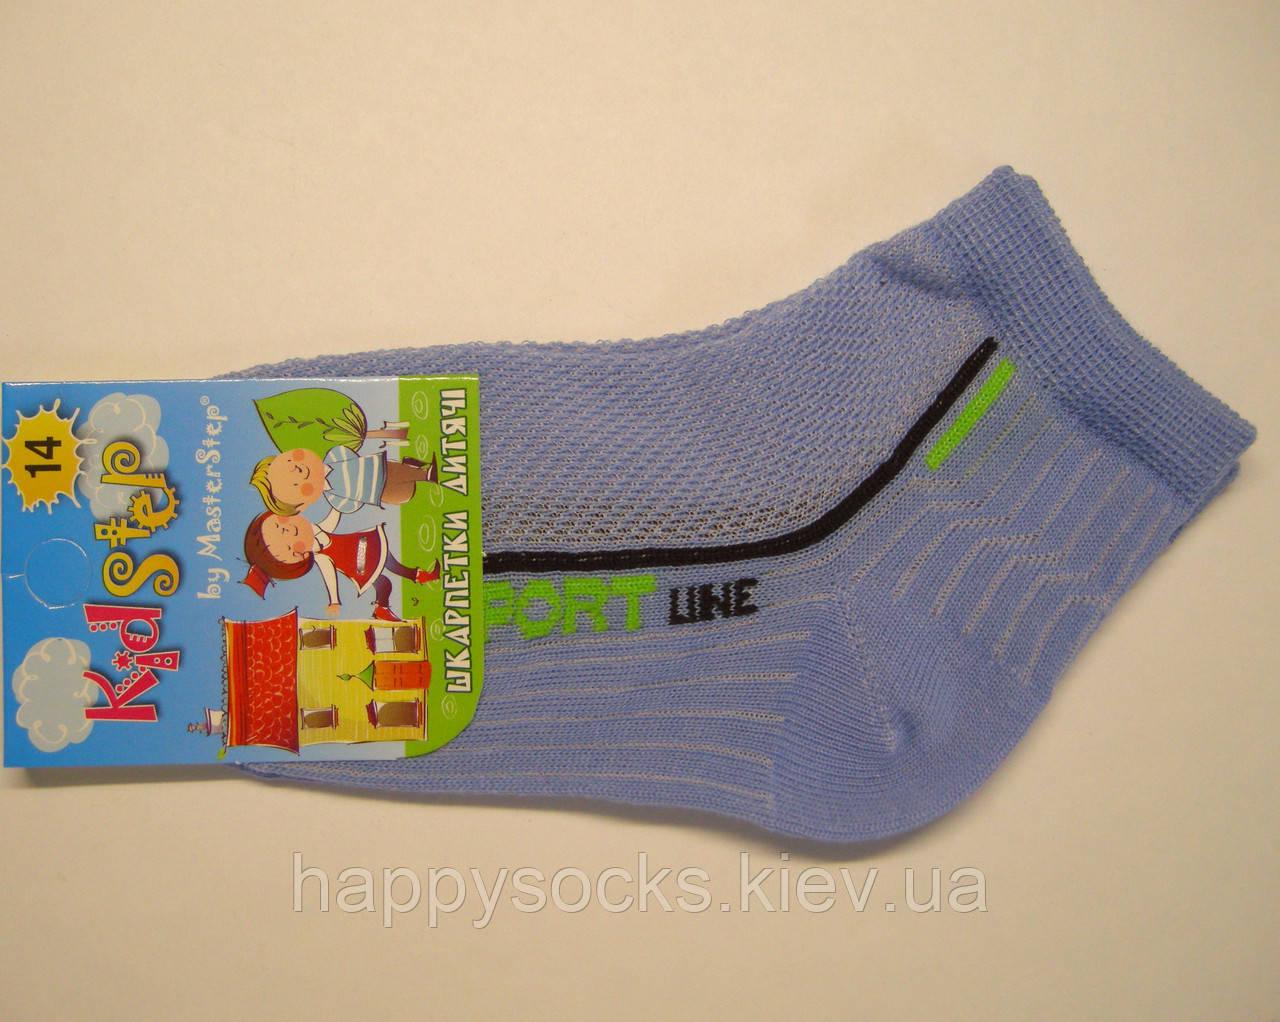 Носки в сетку хлопковые на мальчика голубого цвета